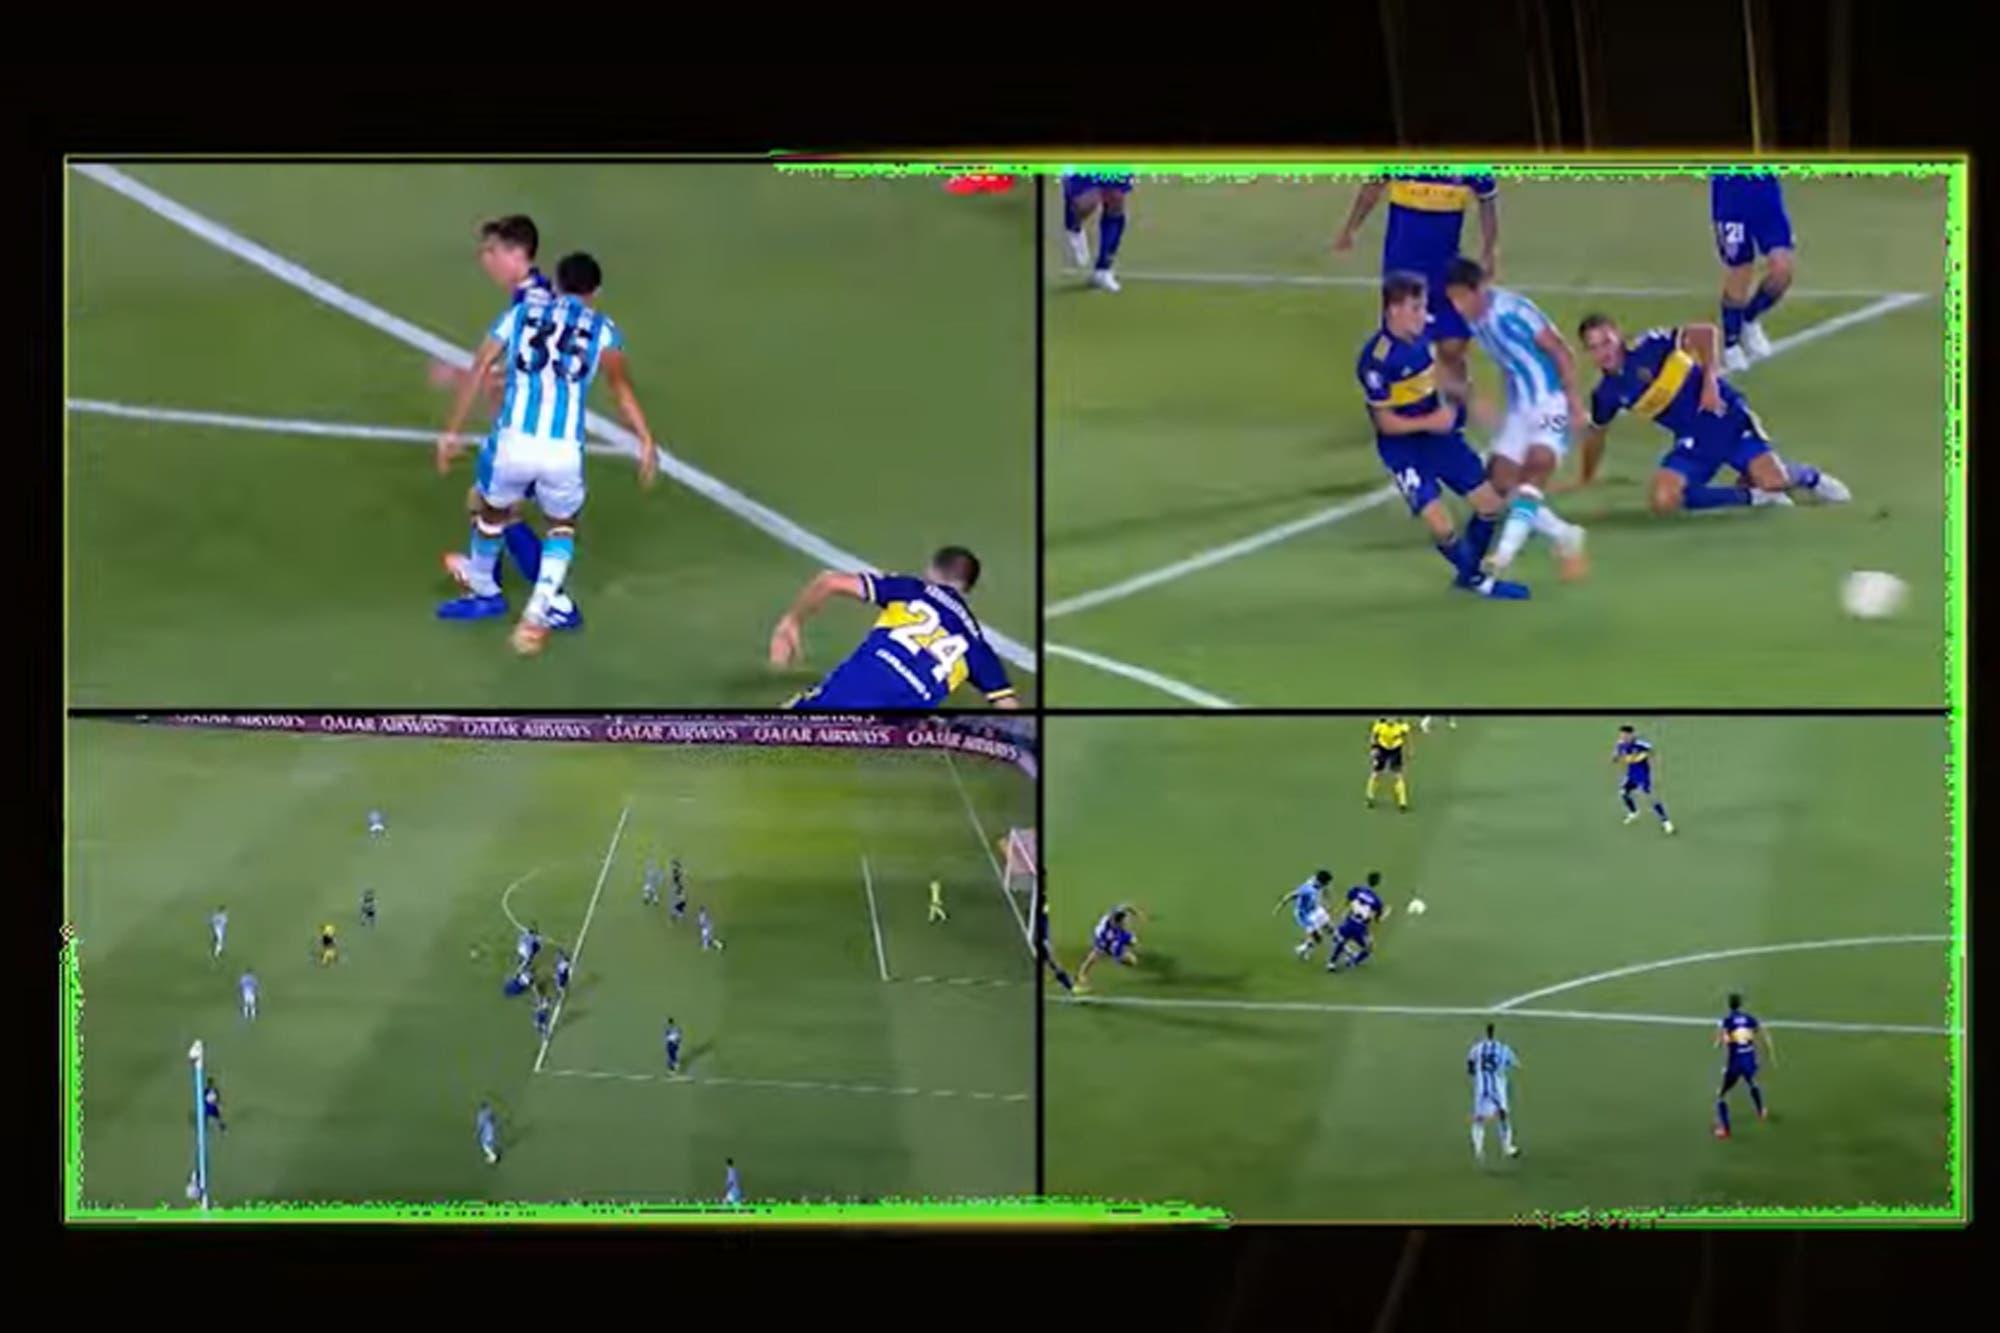 """Racing-Boca: el análisis del VAR, la """"correcta decisión"""" y por qué no expulsó ni a Melgarejo ni a Villa"""